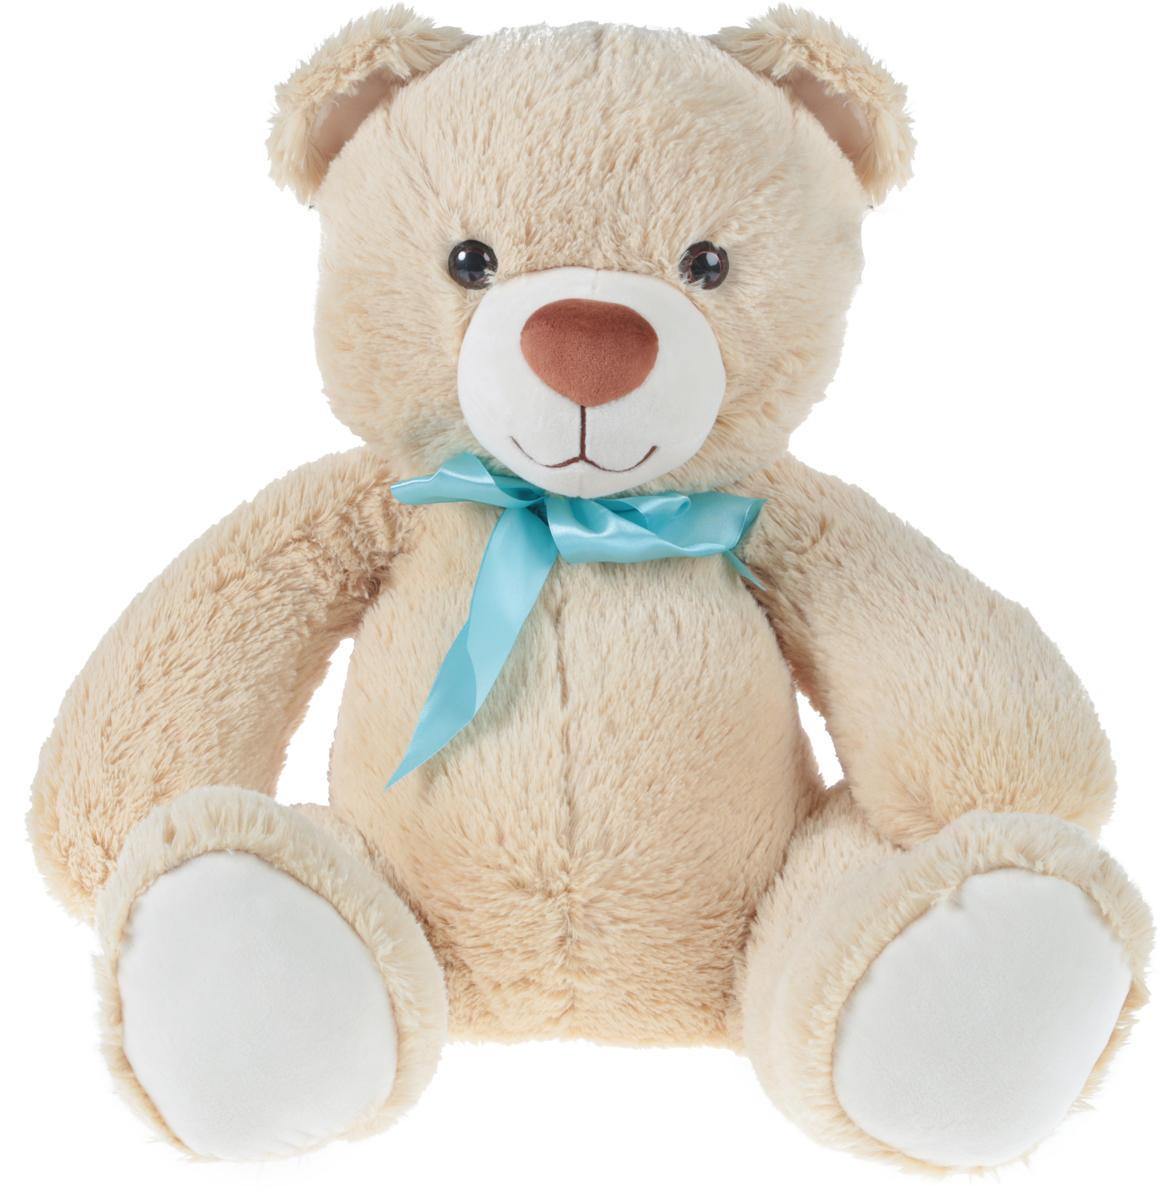 СмолТойс Мягкая игрушка Медвежонок цвет бежевый с бантиком 40 см - Мягкие игрушки